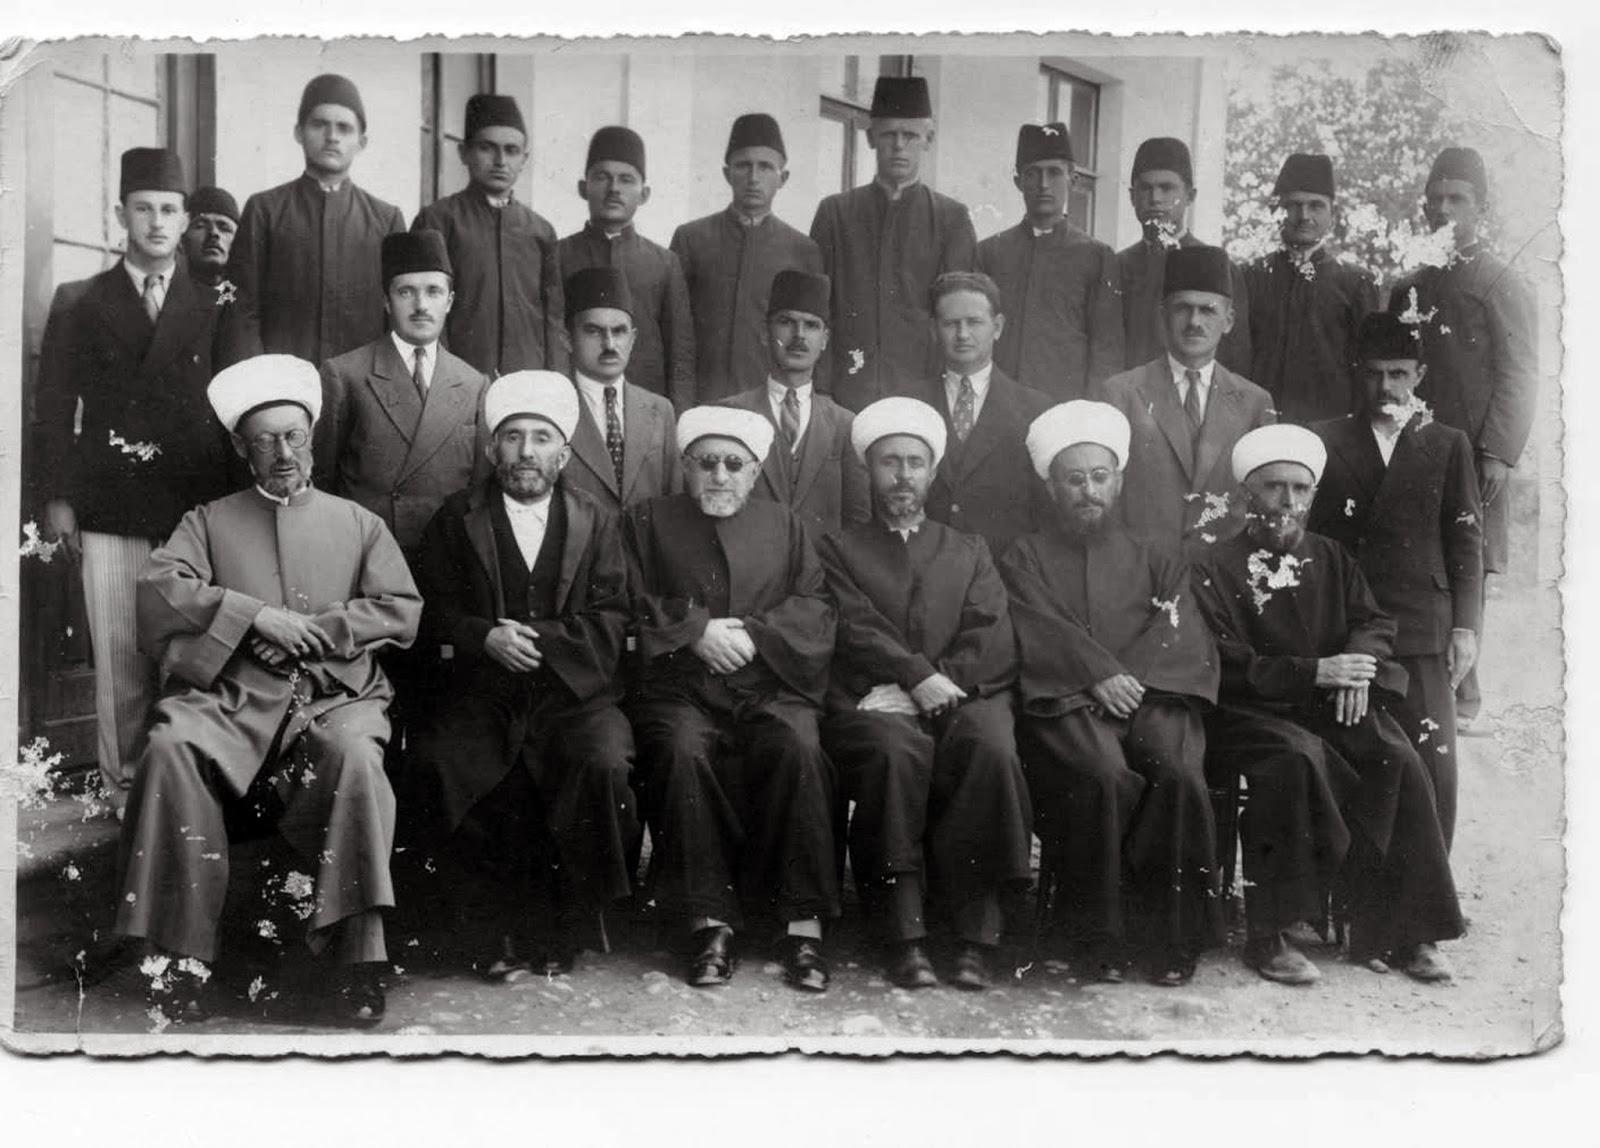 Djepat shqiptar dhe ritet tjera dhe foto historike - Faqe 6 Tiran%C3%AB19.VI_.1935